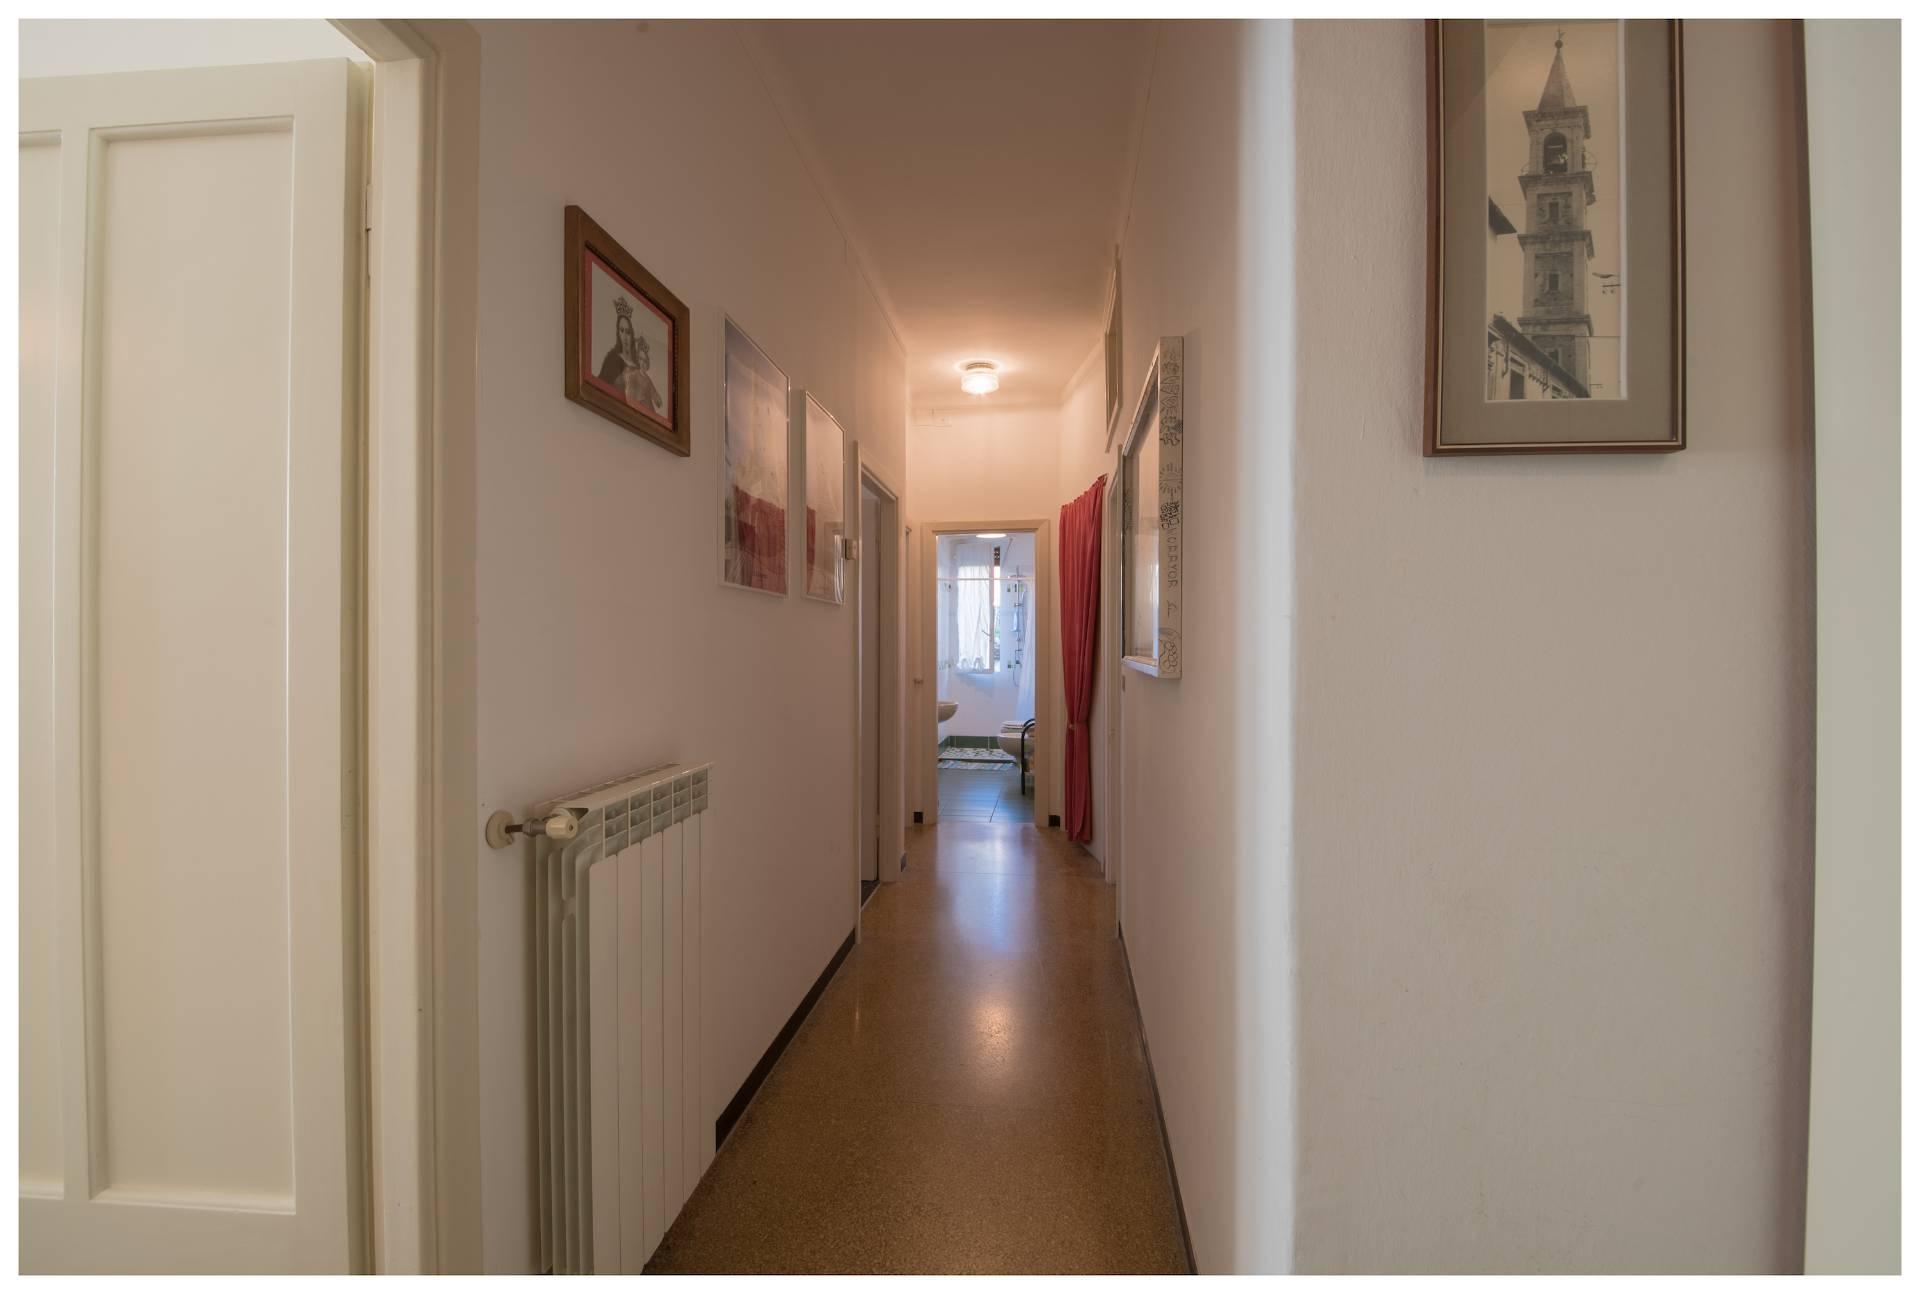 Appartamento in affitto a Varazze, 3 locali, zona Località: Varazze, prezzo € 700 | PortaleAgenzieImmobiliari.it